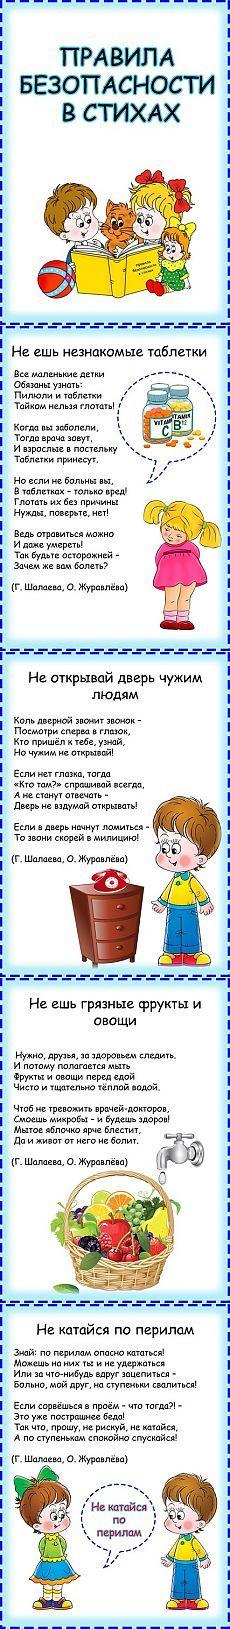 Правила безопасности в стихах - Поделки с детьми | Деткиподелки